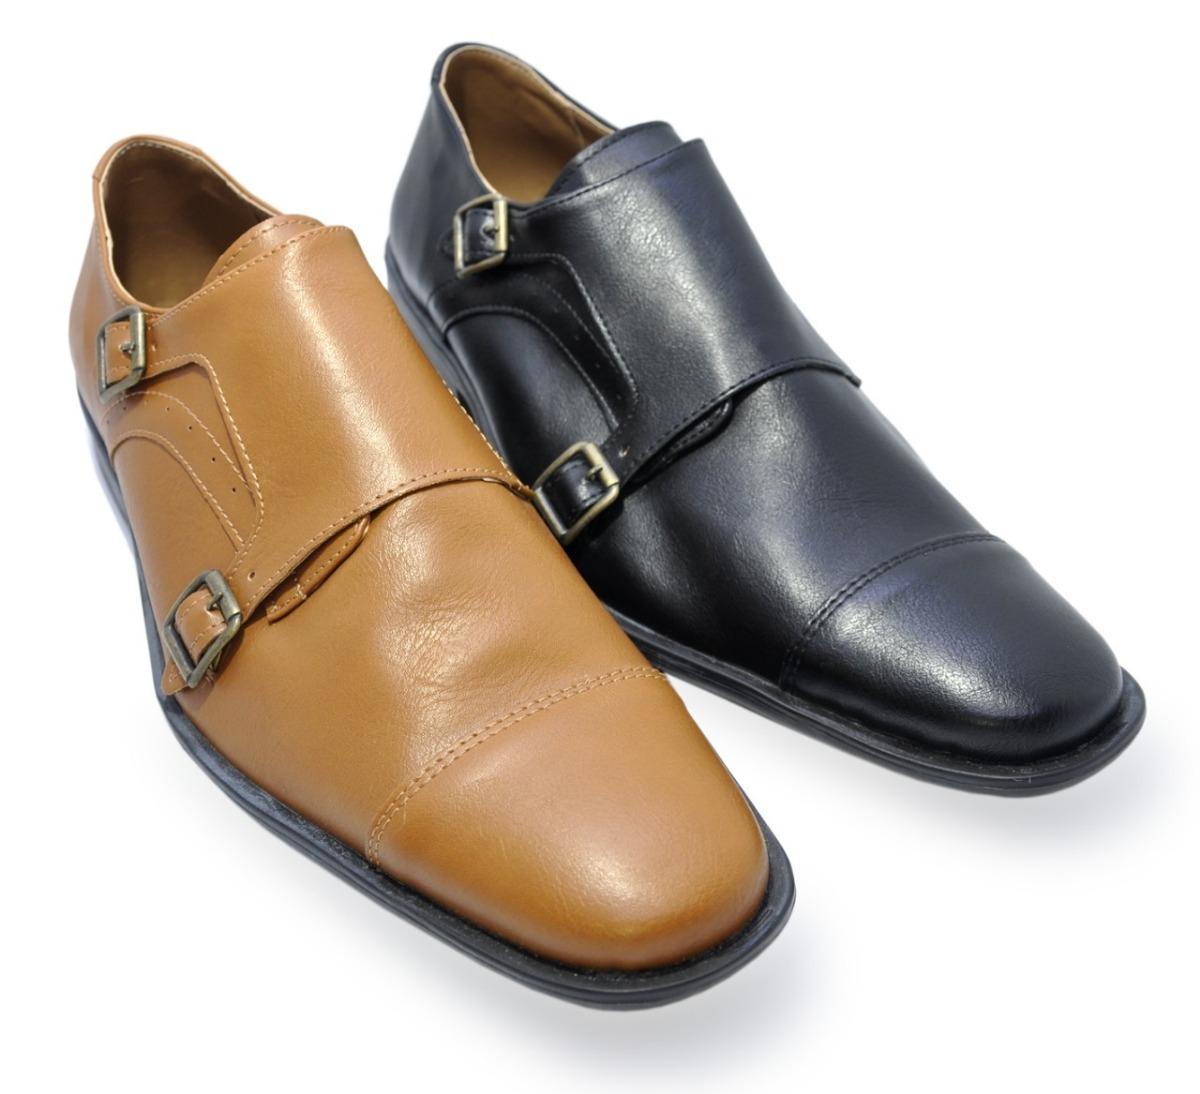 672df2907c10d zapato de vestir hombre con hebilla fiesta moda(2 colores). Cargando zoom.